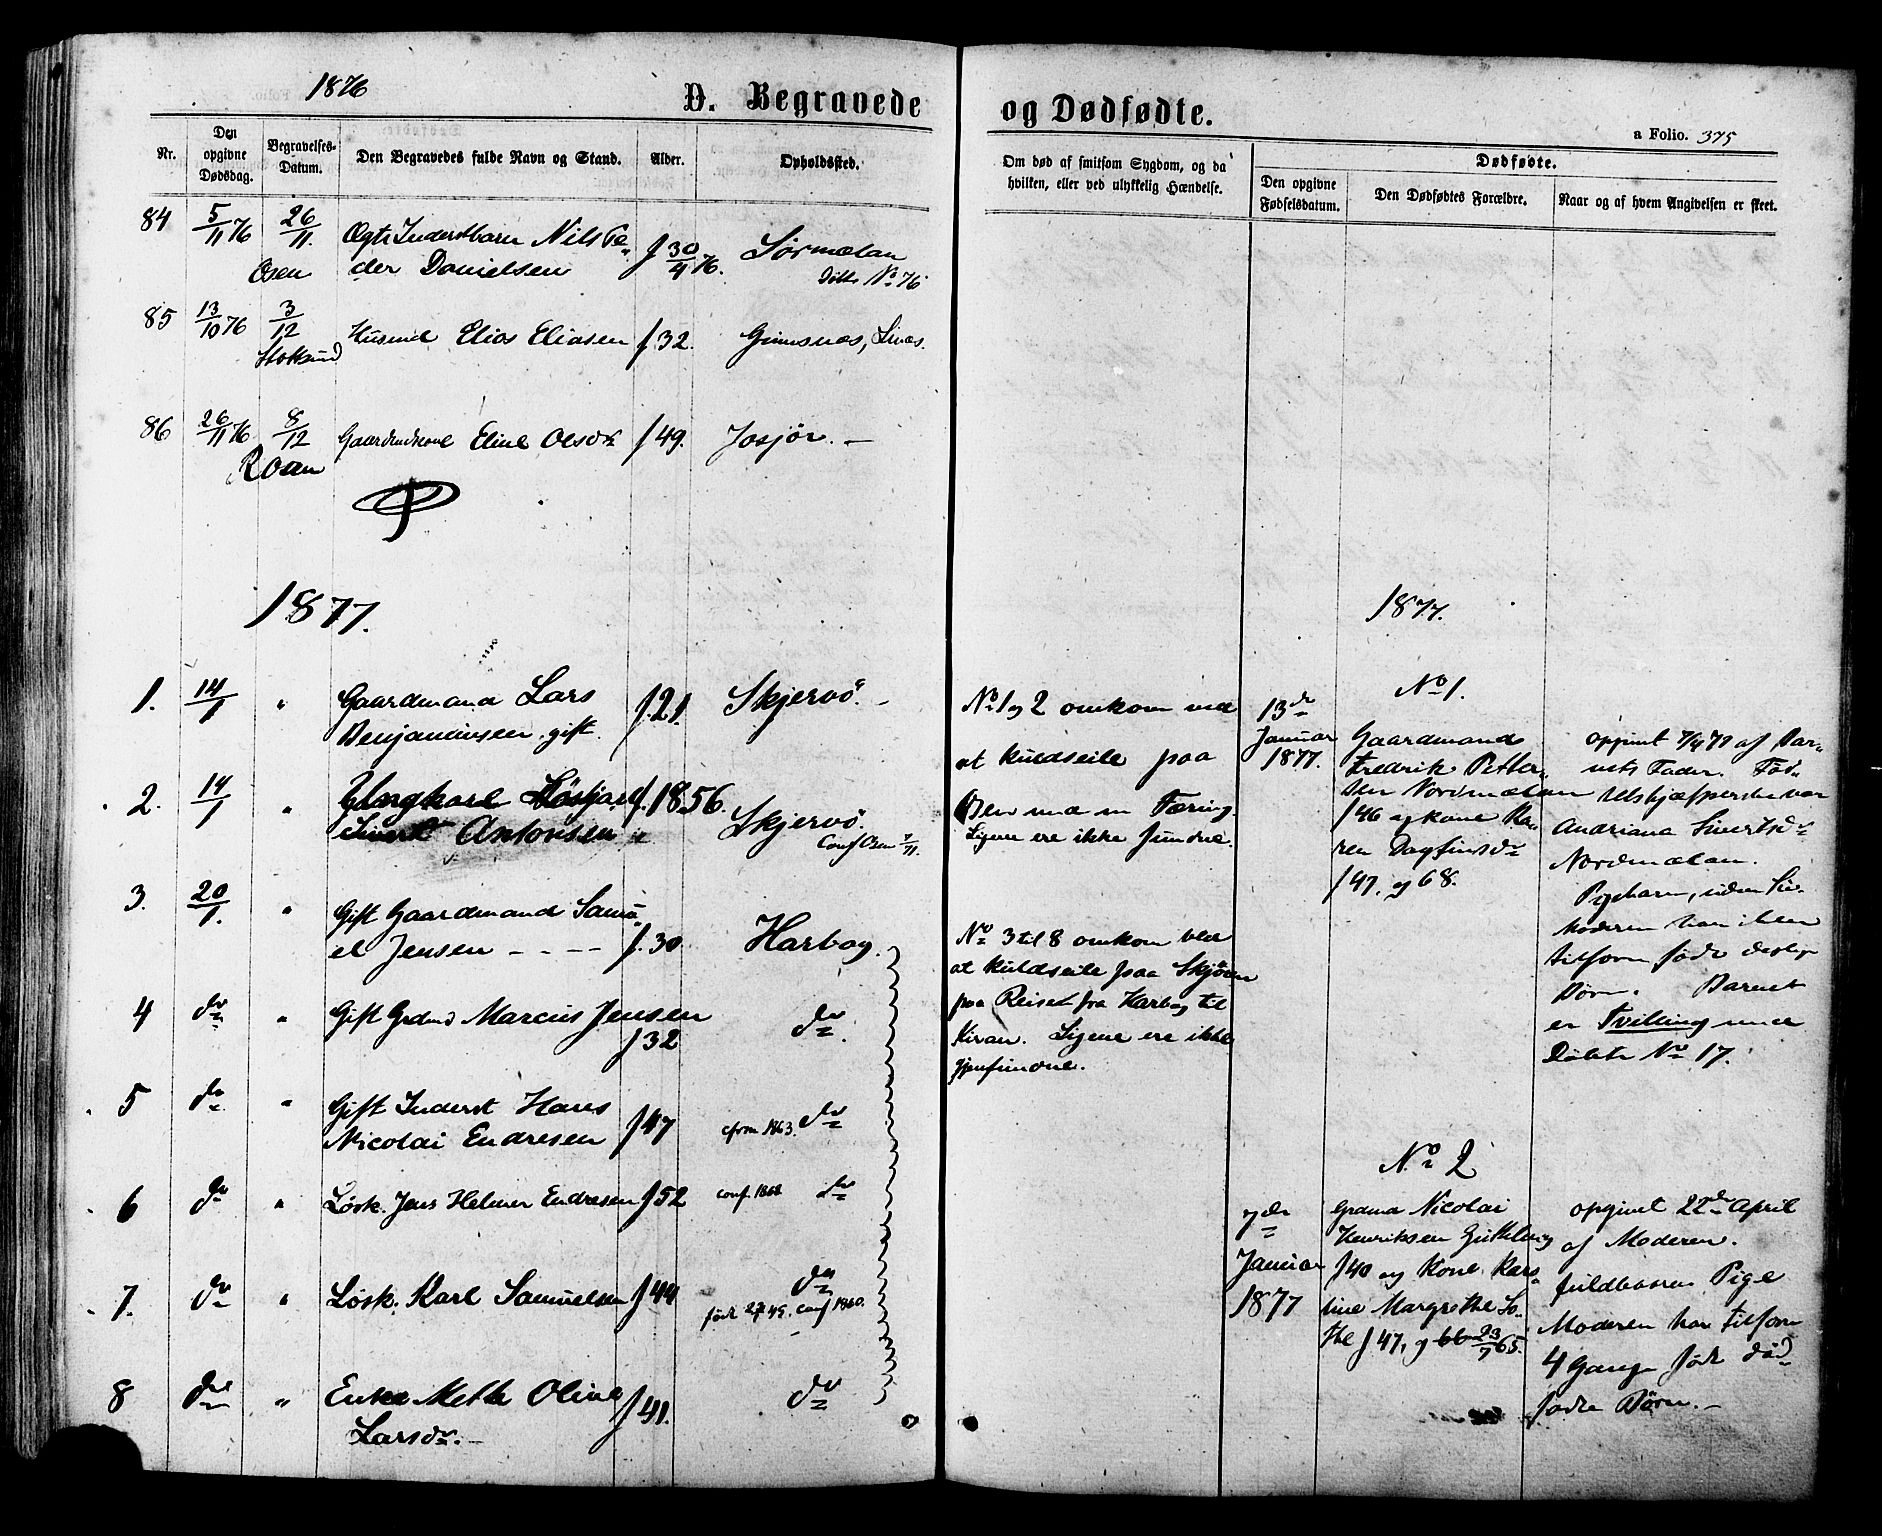 SAT, Ministerialprotokoller, klokkerbøker og fødselsregistre - Sør-Trøndelag, 657/L0706: Ministerialbok nr. 657A07, 1867-1878, s. 375